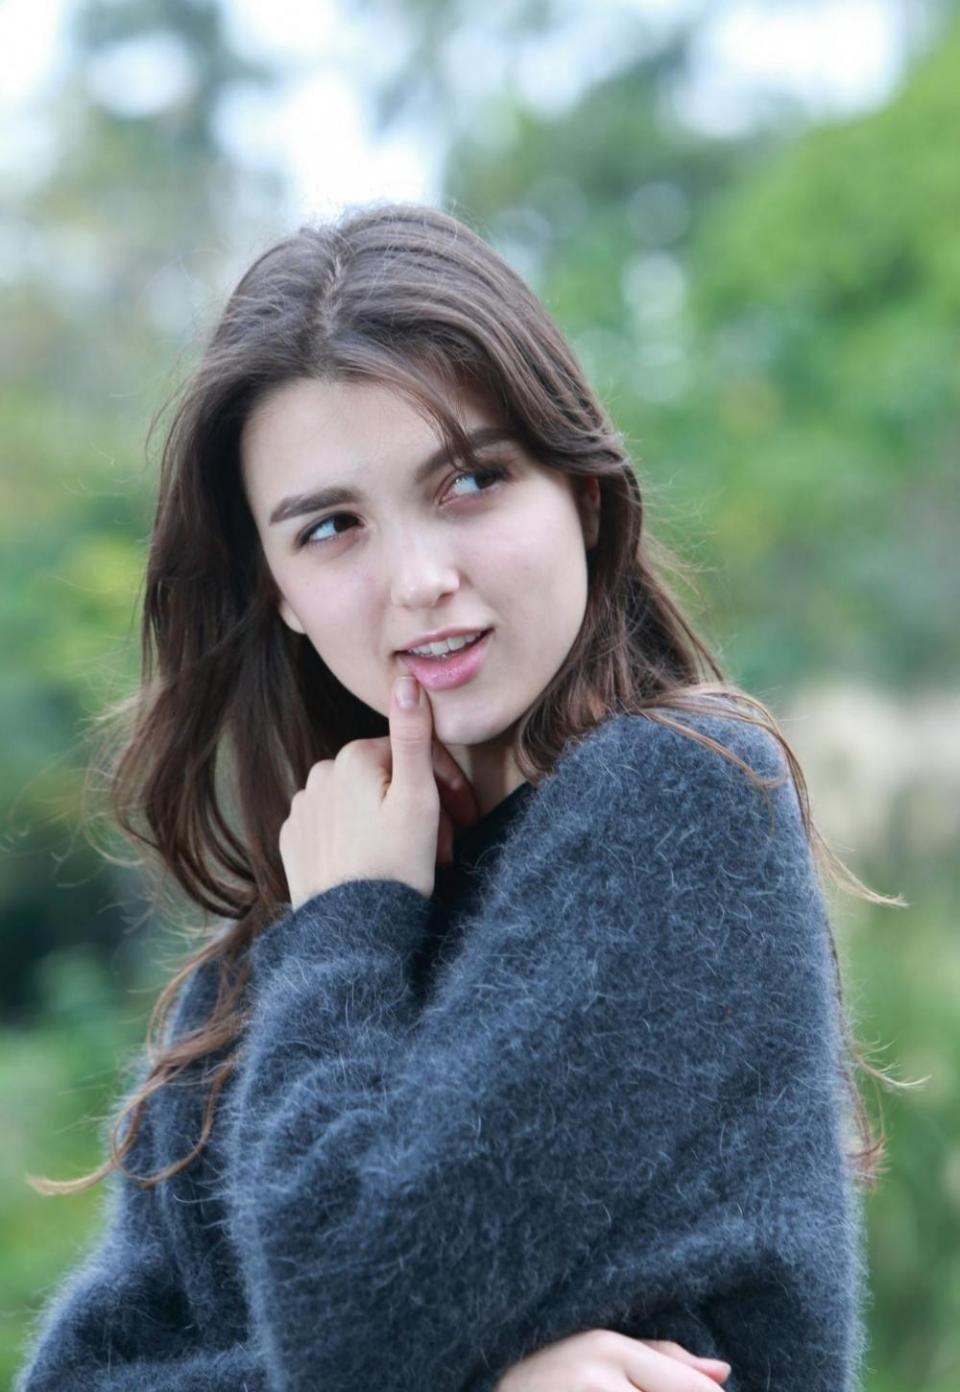 大胆欧美片_乌克兰美女户外性感写真,上演大胆欧美人体艺术!